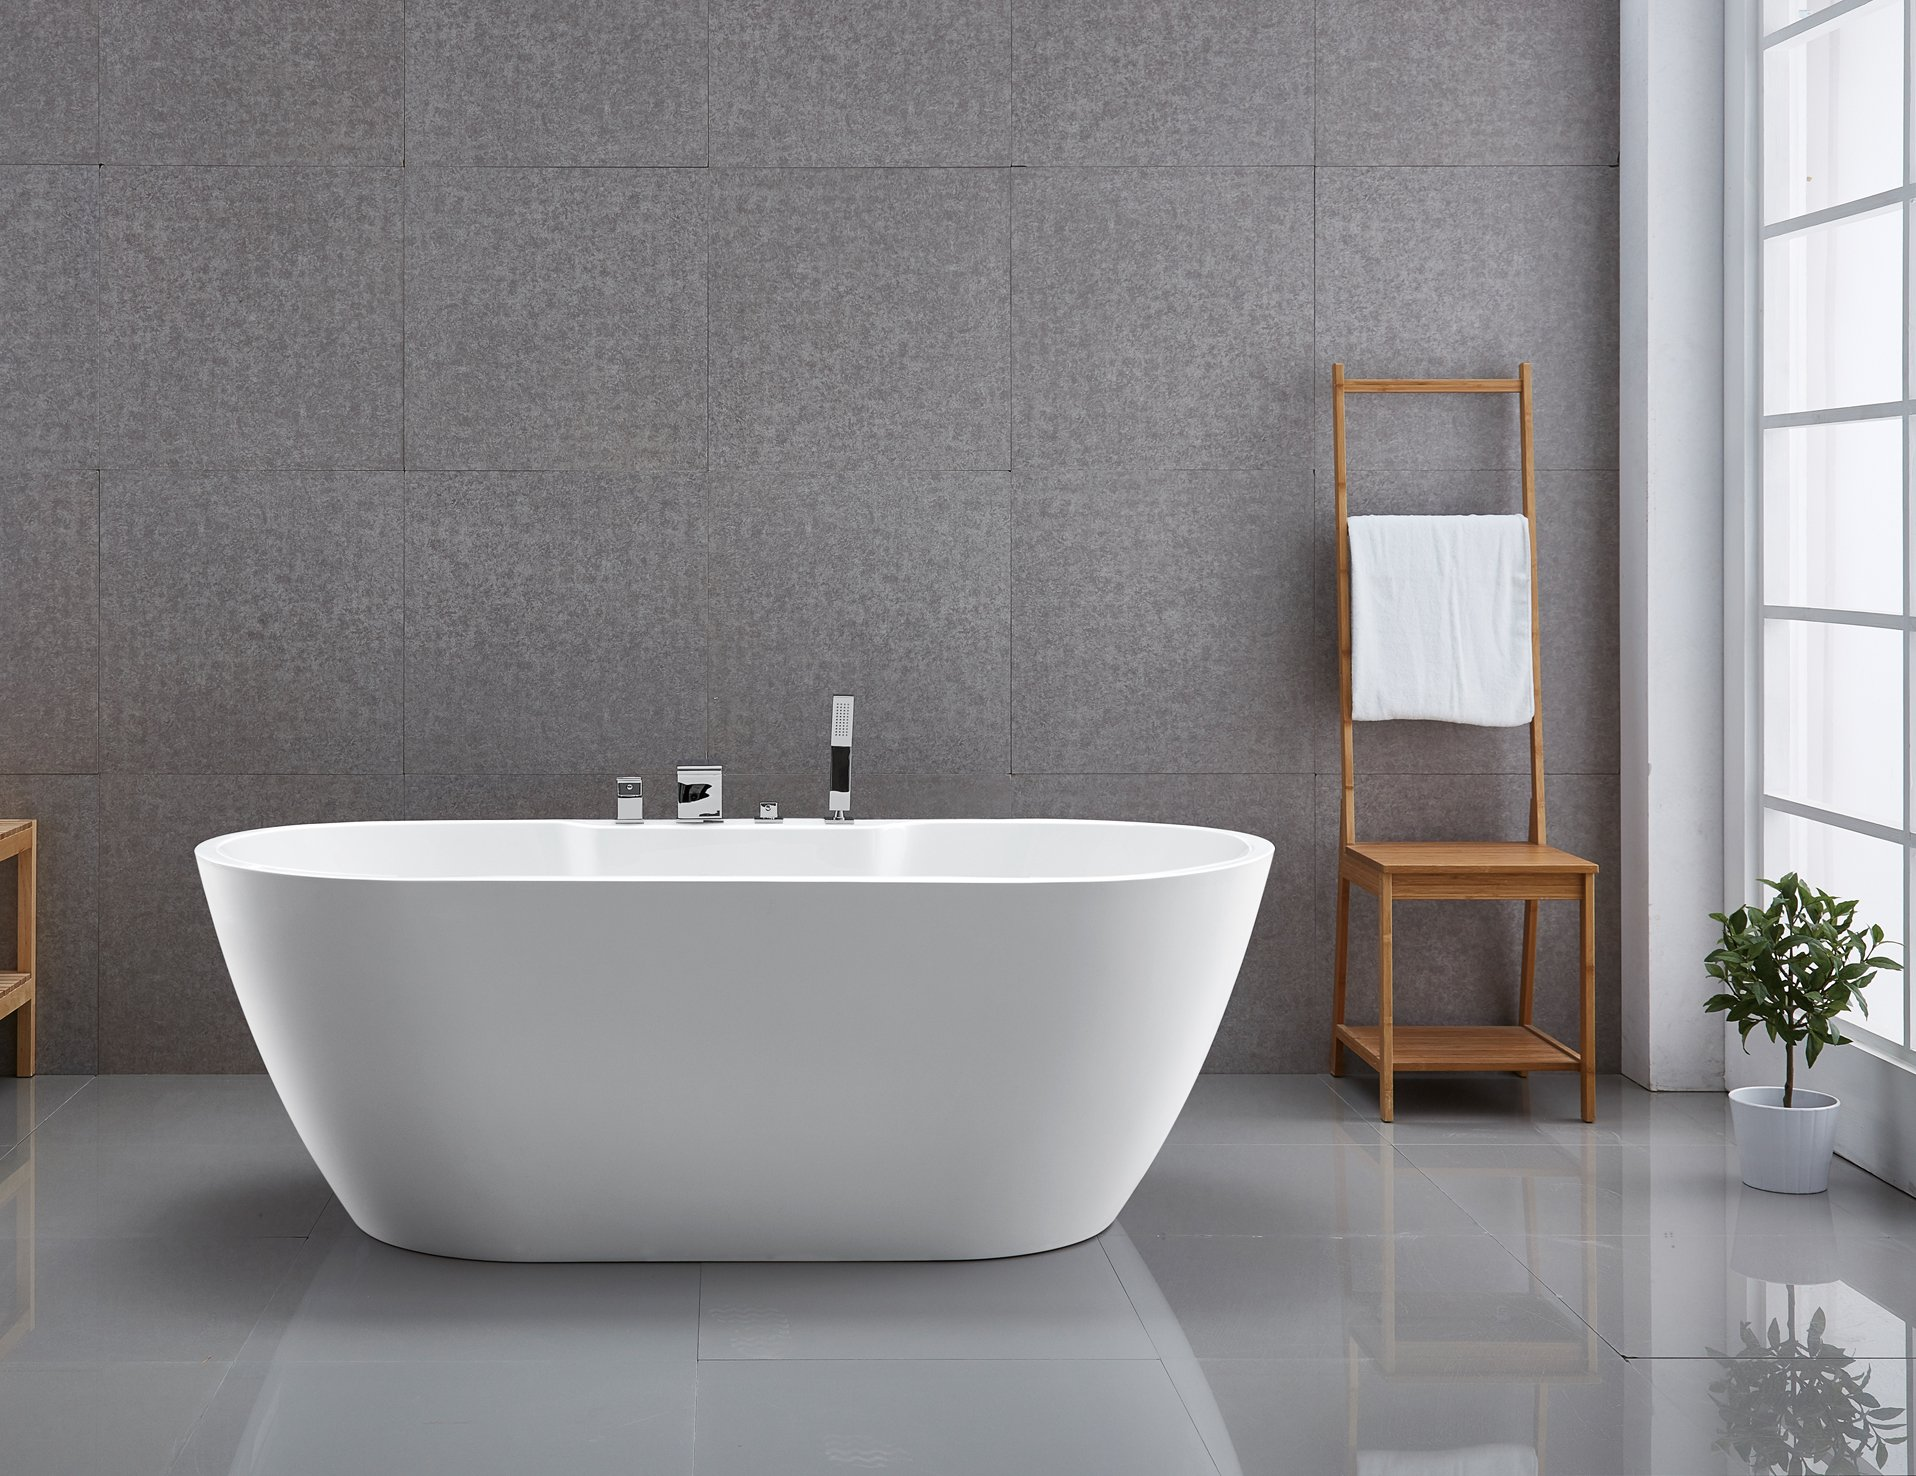 Freistehende Badewanne JAZZ PLUS Acryl weiß glänzend - 170 x 80 cm - Zubehör optional zoom thumbnail 3